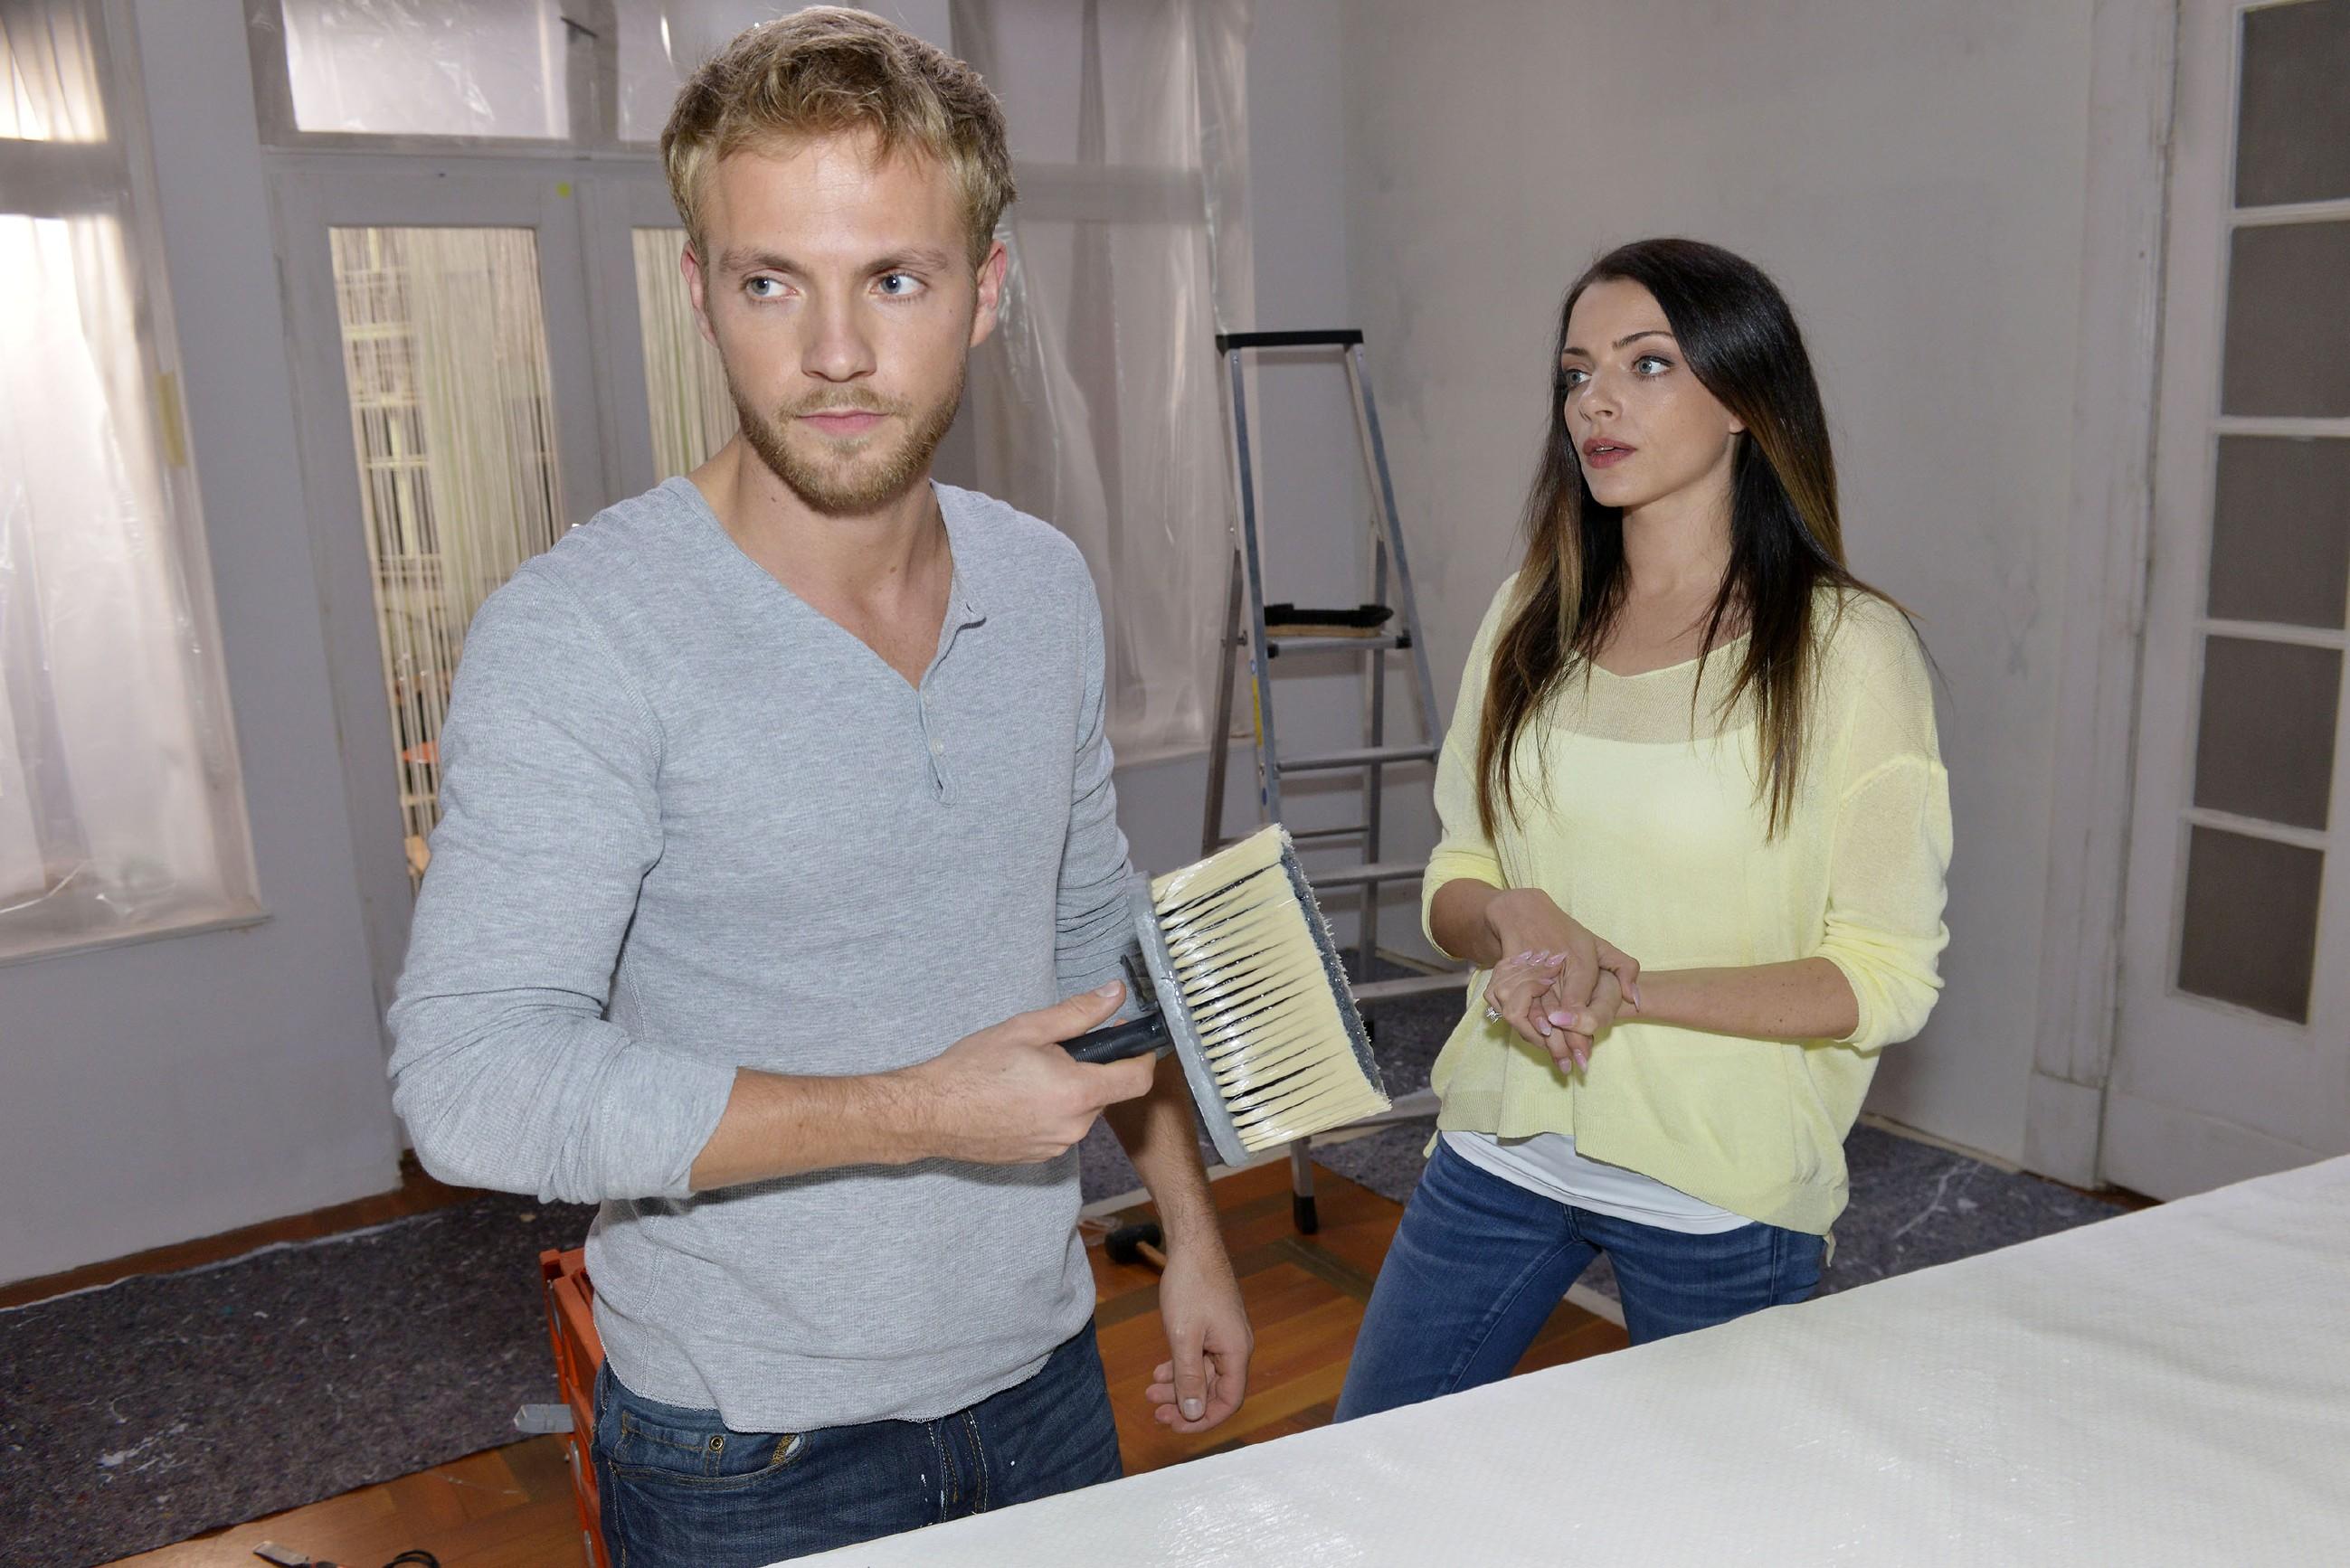 Um Paul (Niklas Ostloh) für die Renovierungsarbeiten in die Spur zu bringen, beschließt Emily (Anne Menden), ihm Nachhilfe in Sachen Frauen zu geben, damit er seine Ex zurückgewinnt. (Quelle: RTL / Rolf Baumgartner)